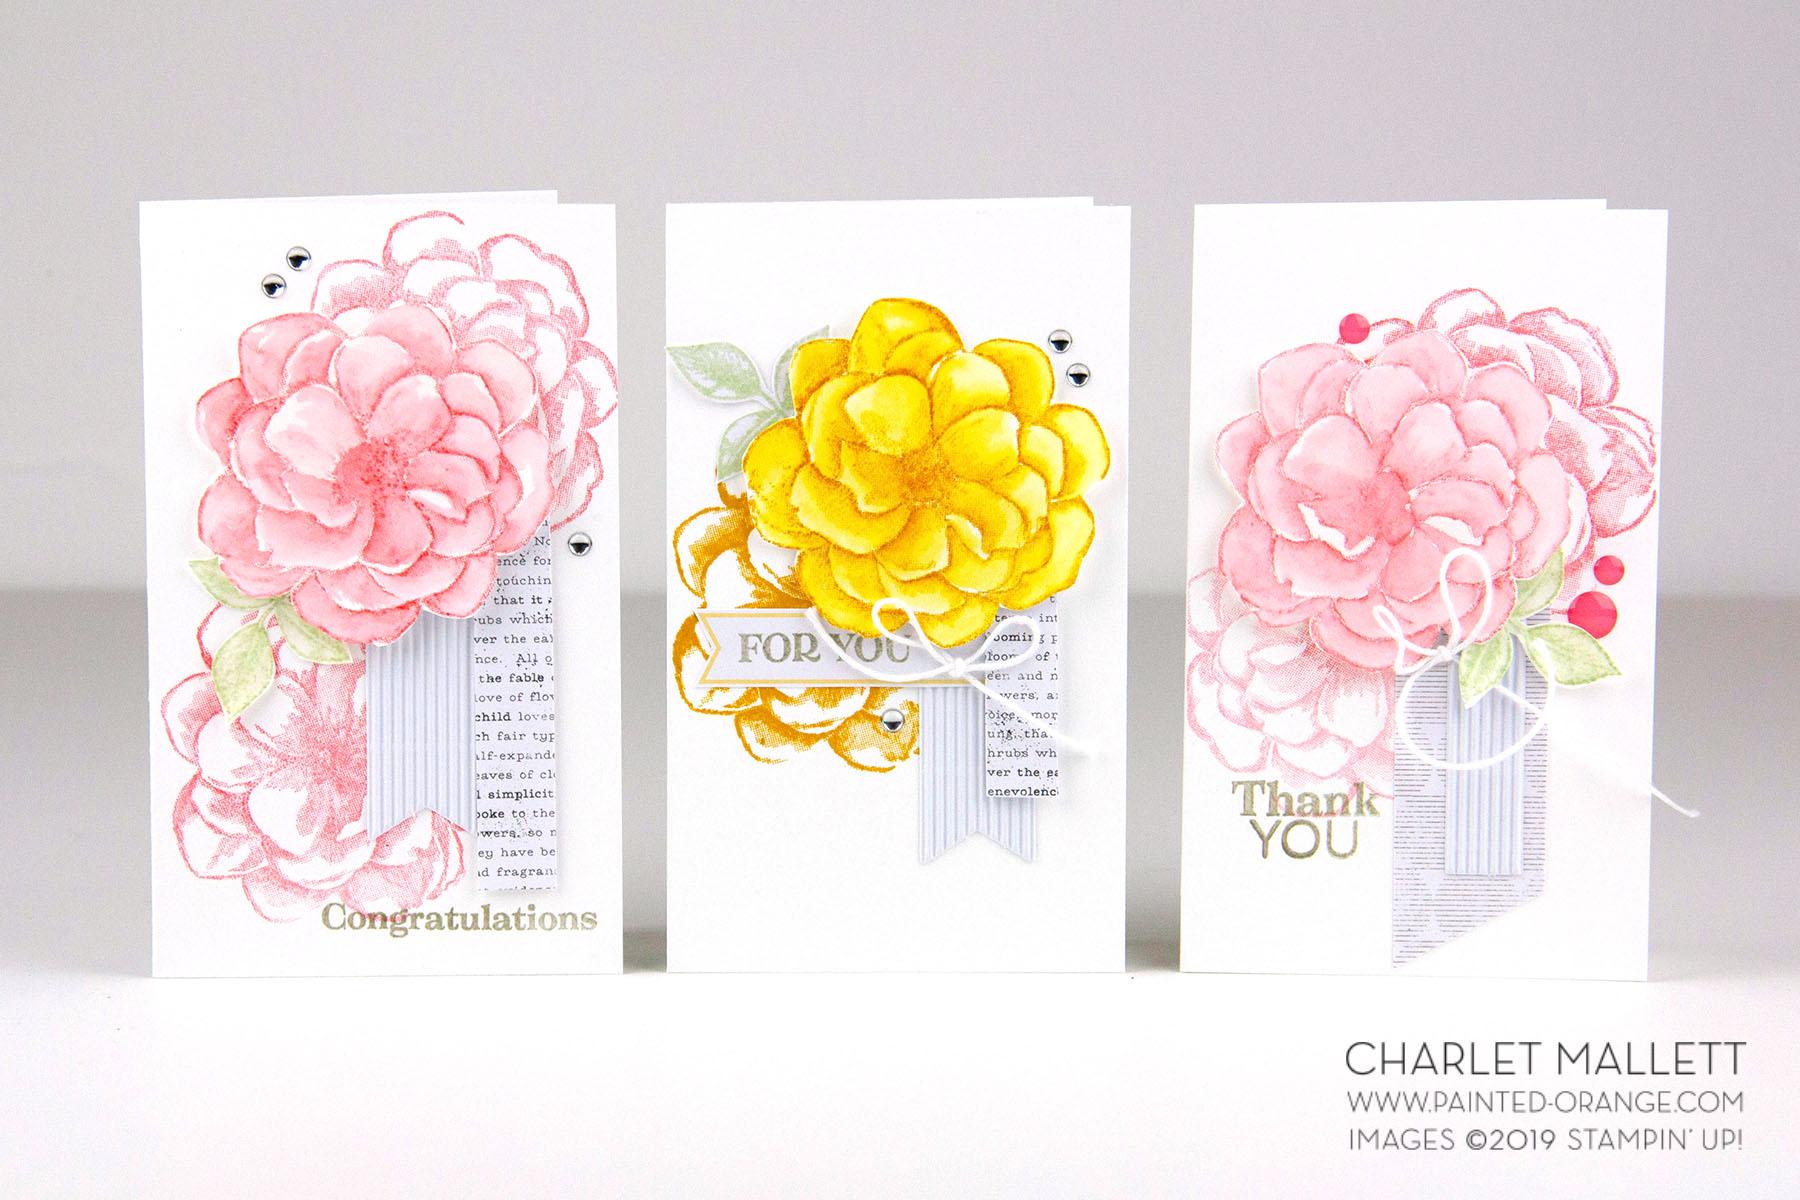 April 2019 Paper Pumpkin - Sentimental Rose - Charlet Mallett Stampin' Up!